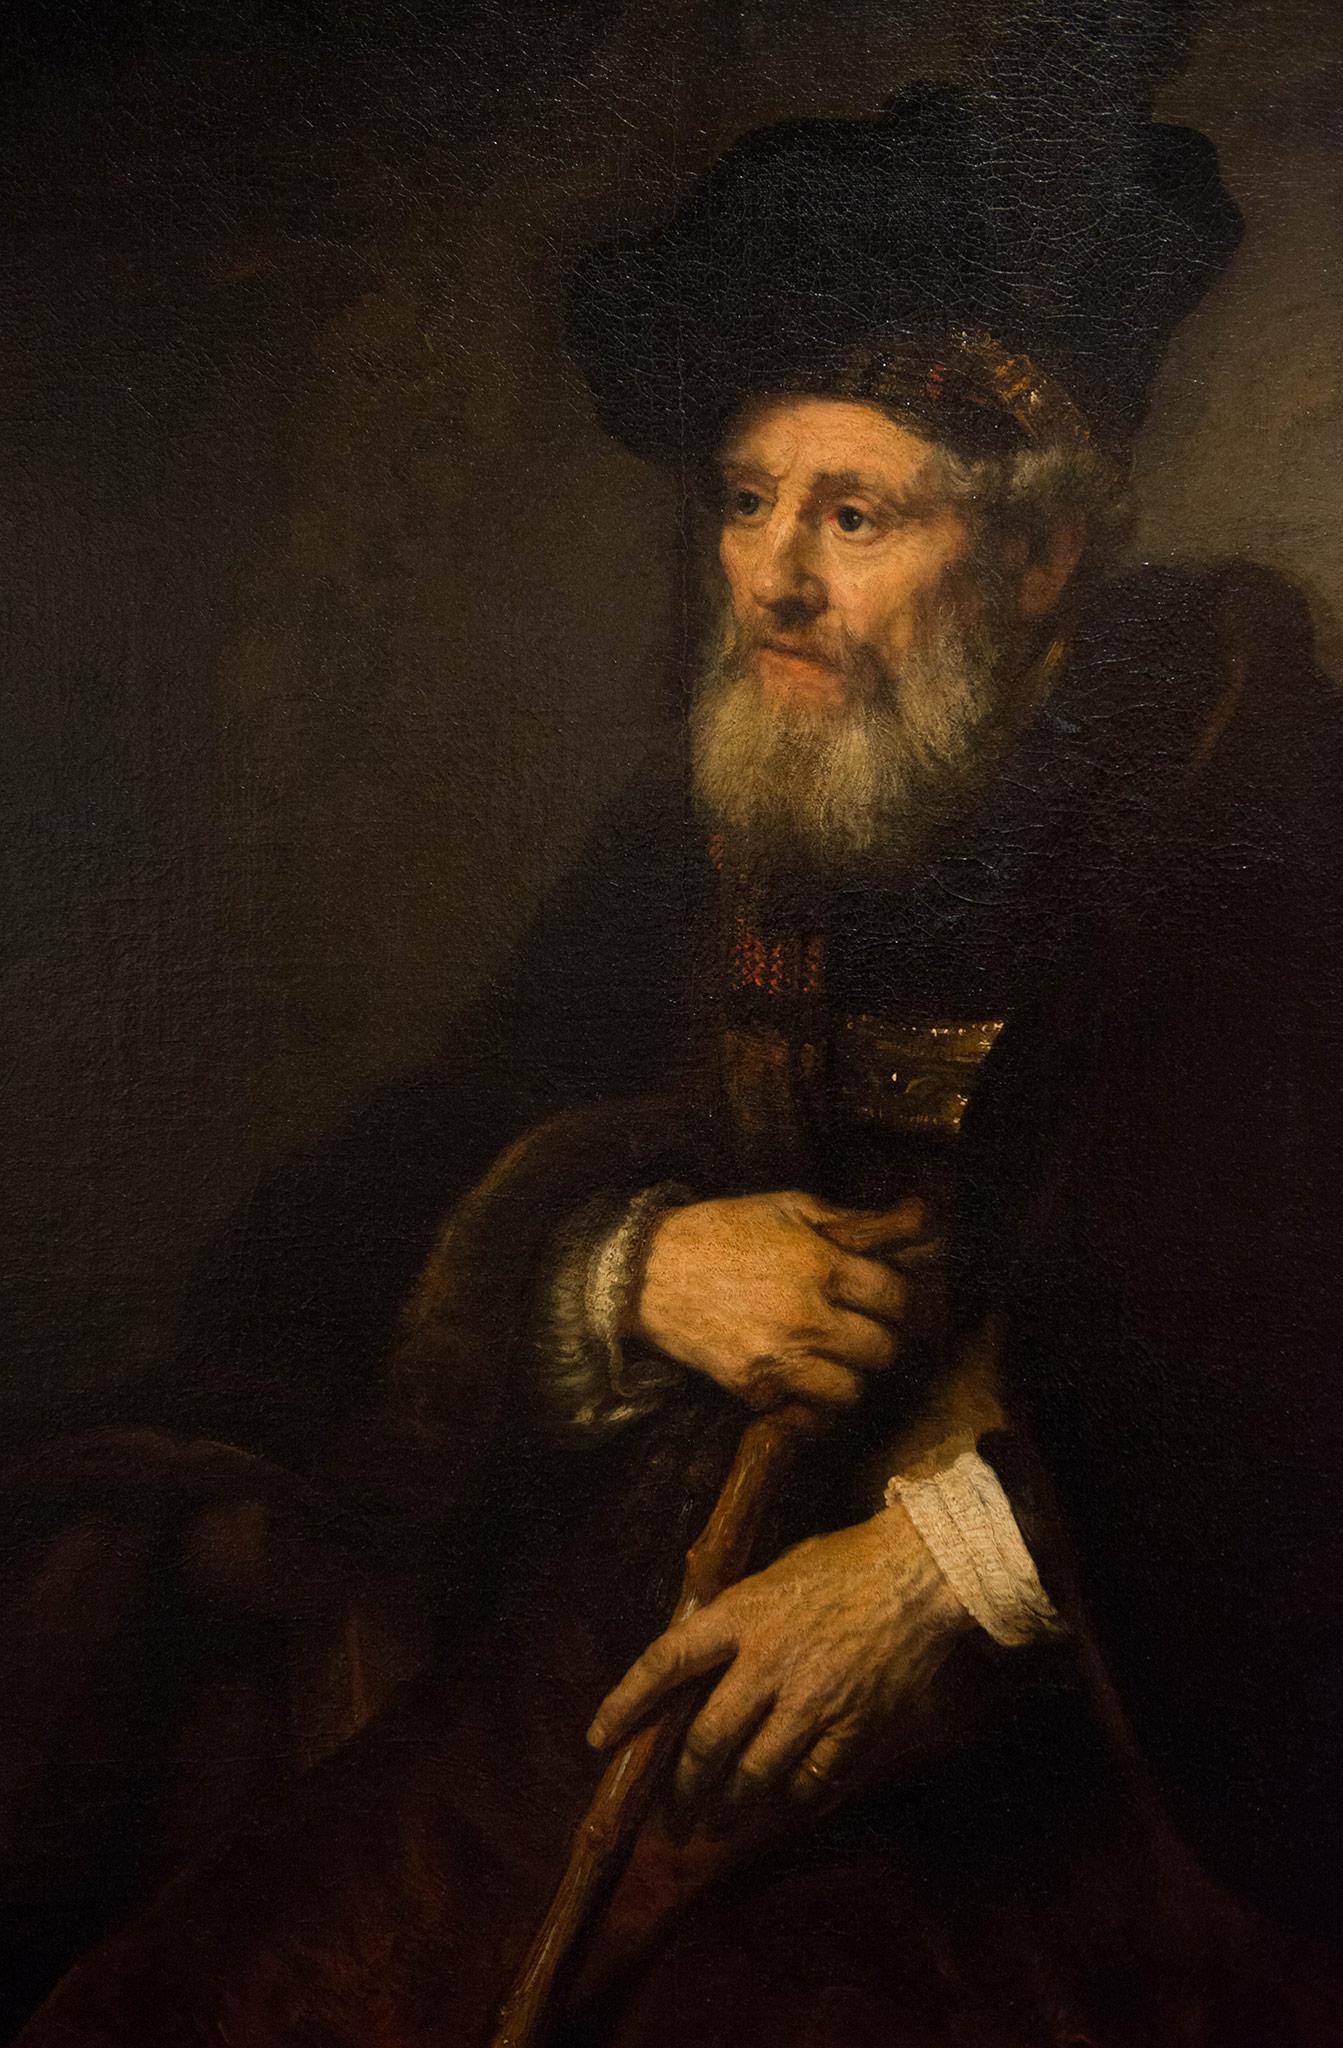 Figure de vieil homme - Rembrandt Harmensz van Run (1606-1669) Hollande 1645 - Huile sur toile - Musée Calouste Gulbenkian - Lisbonne